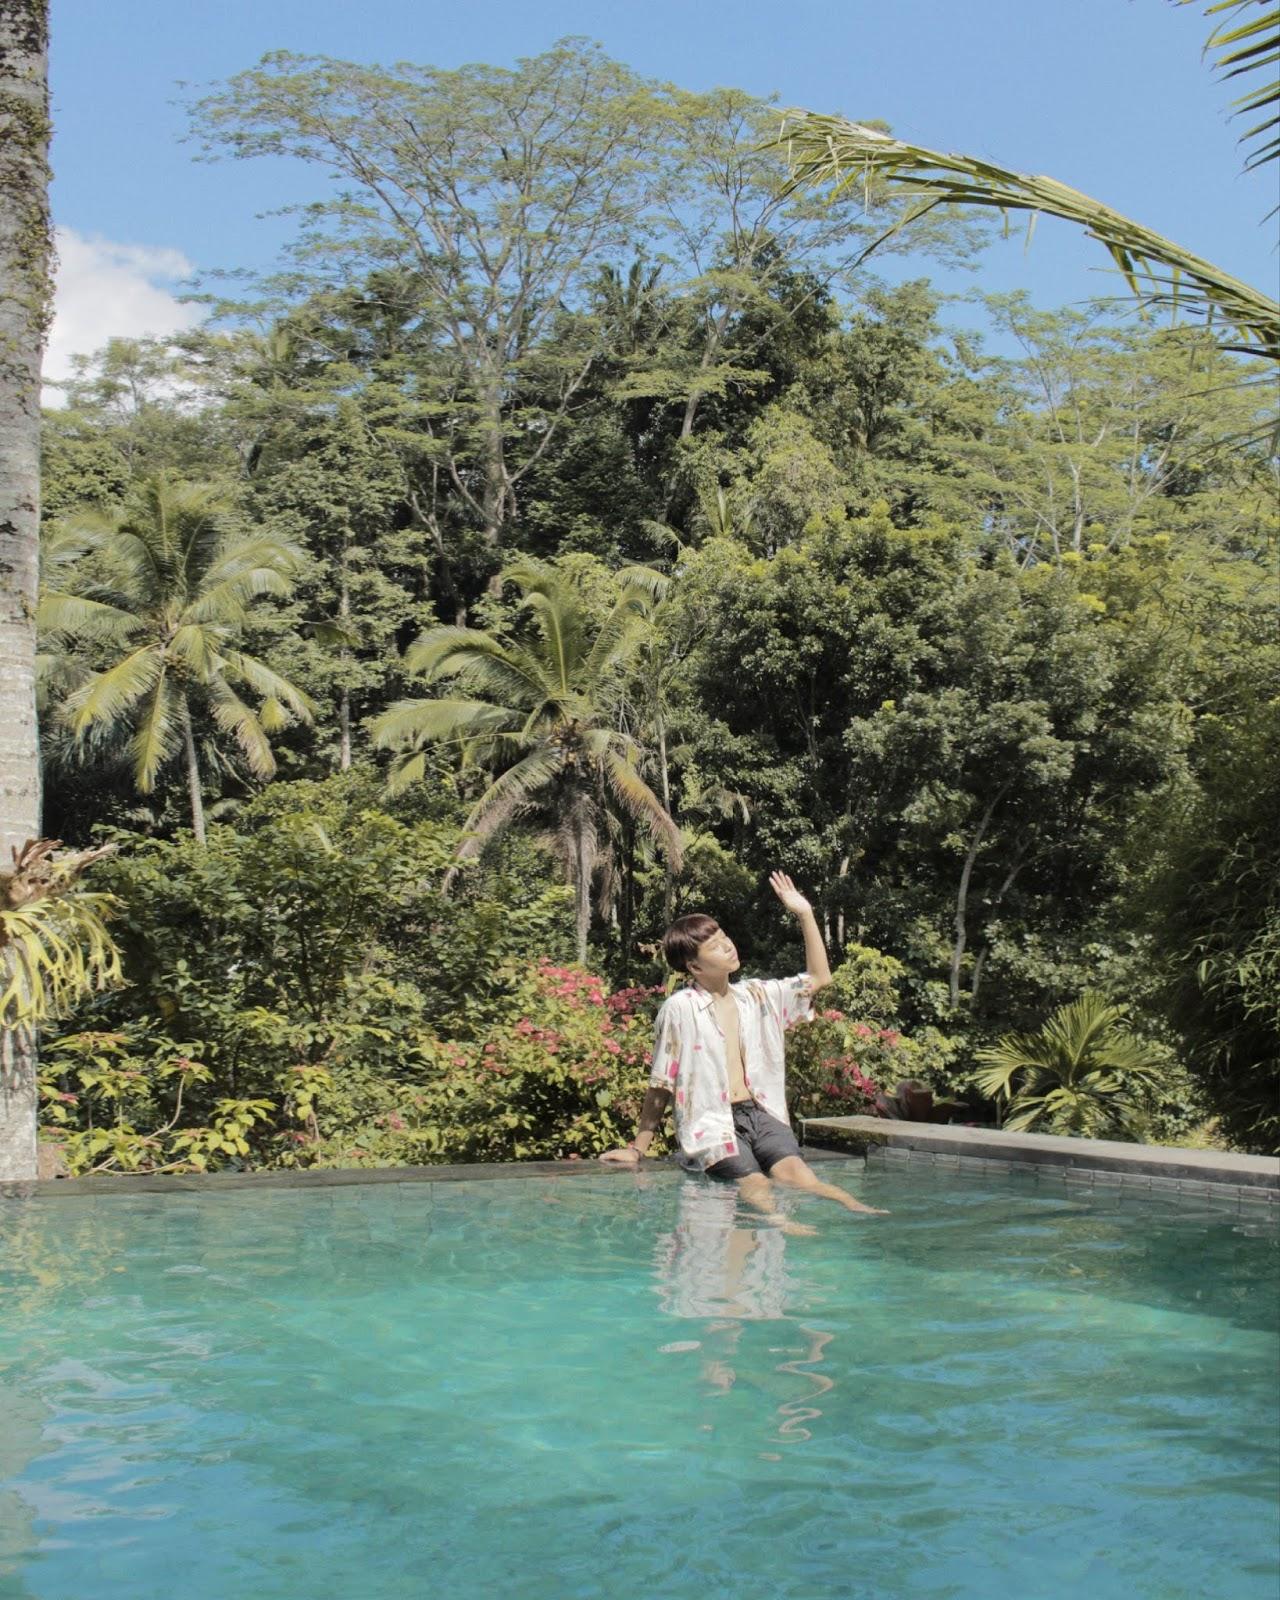 Belovesbali Stay 2 Dd Ubud Jungle Villa Bali Review Fishmeatdie